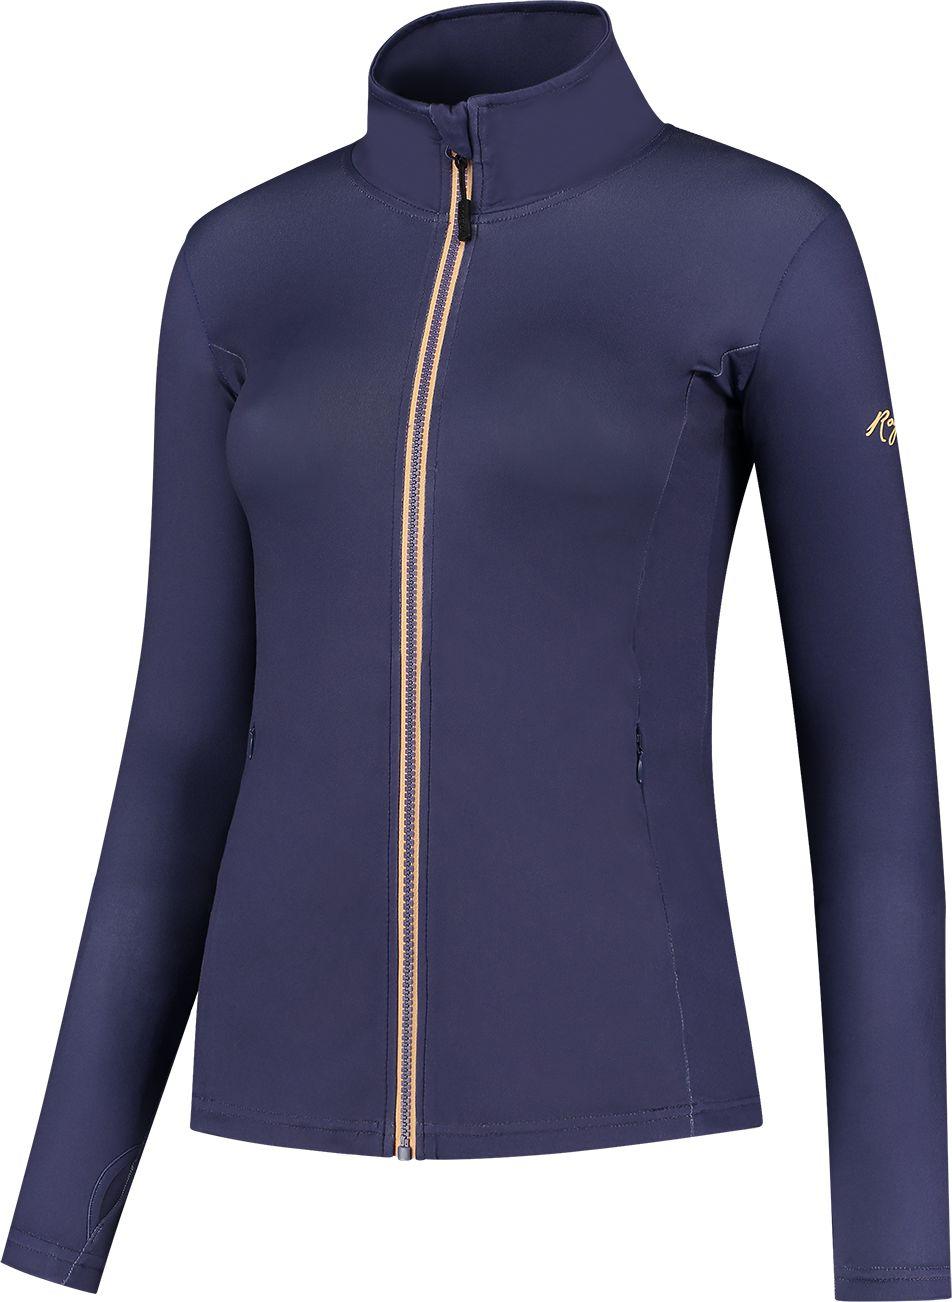 ROGELLI damska bluza do biegania INDIGO fioletowa Rozmiar: L,840.847.S